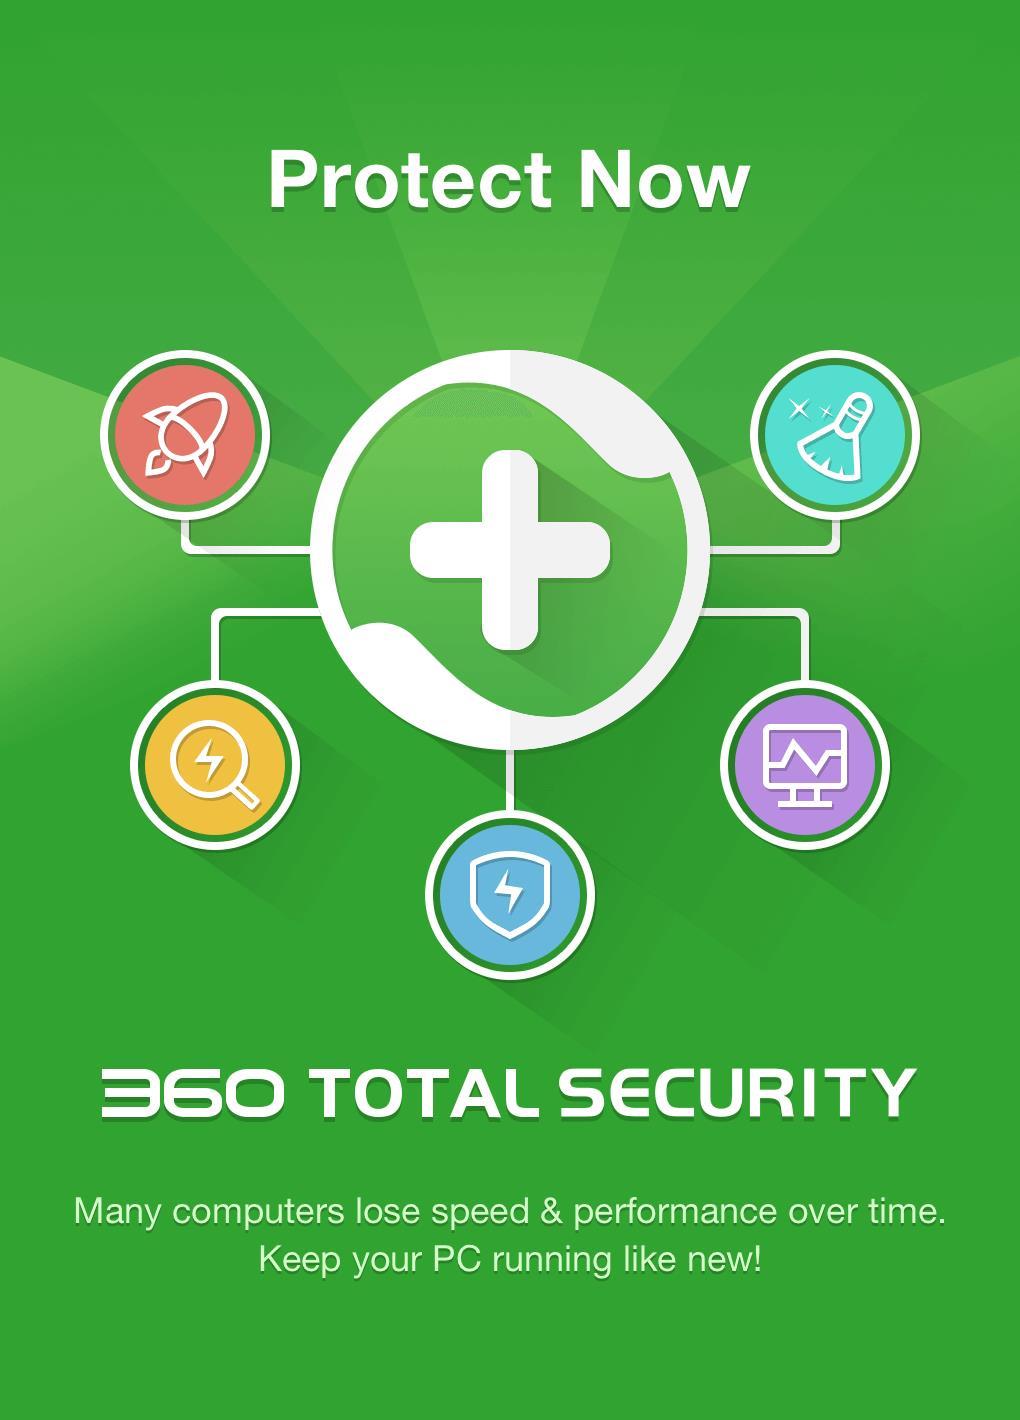 скачать 360 total security